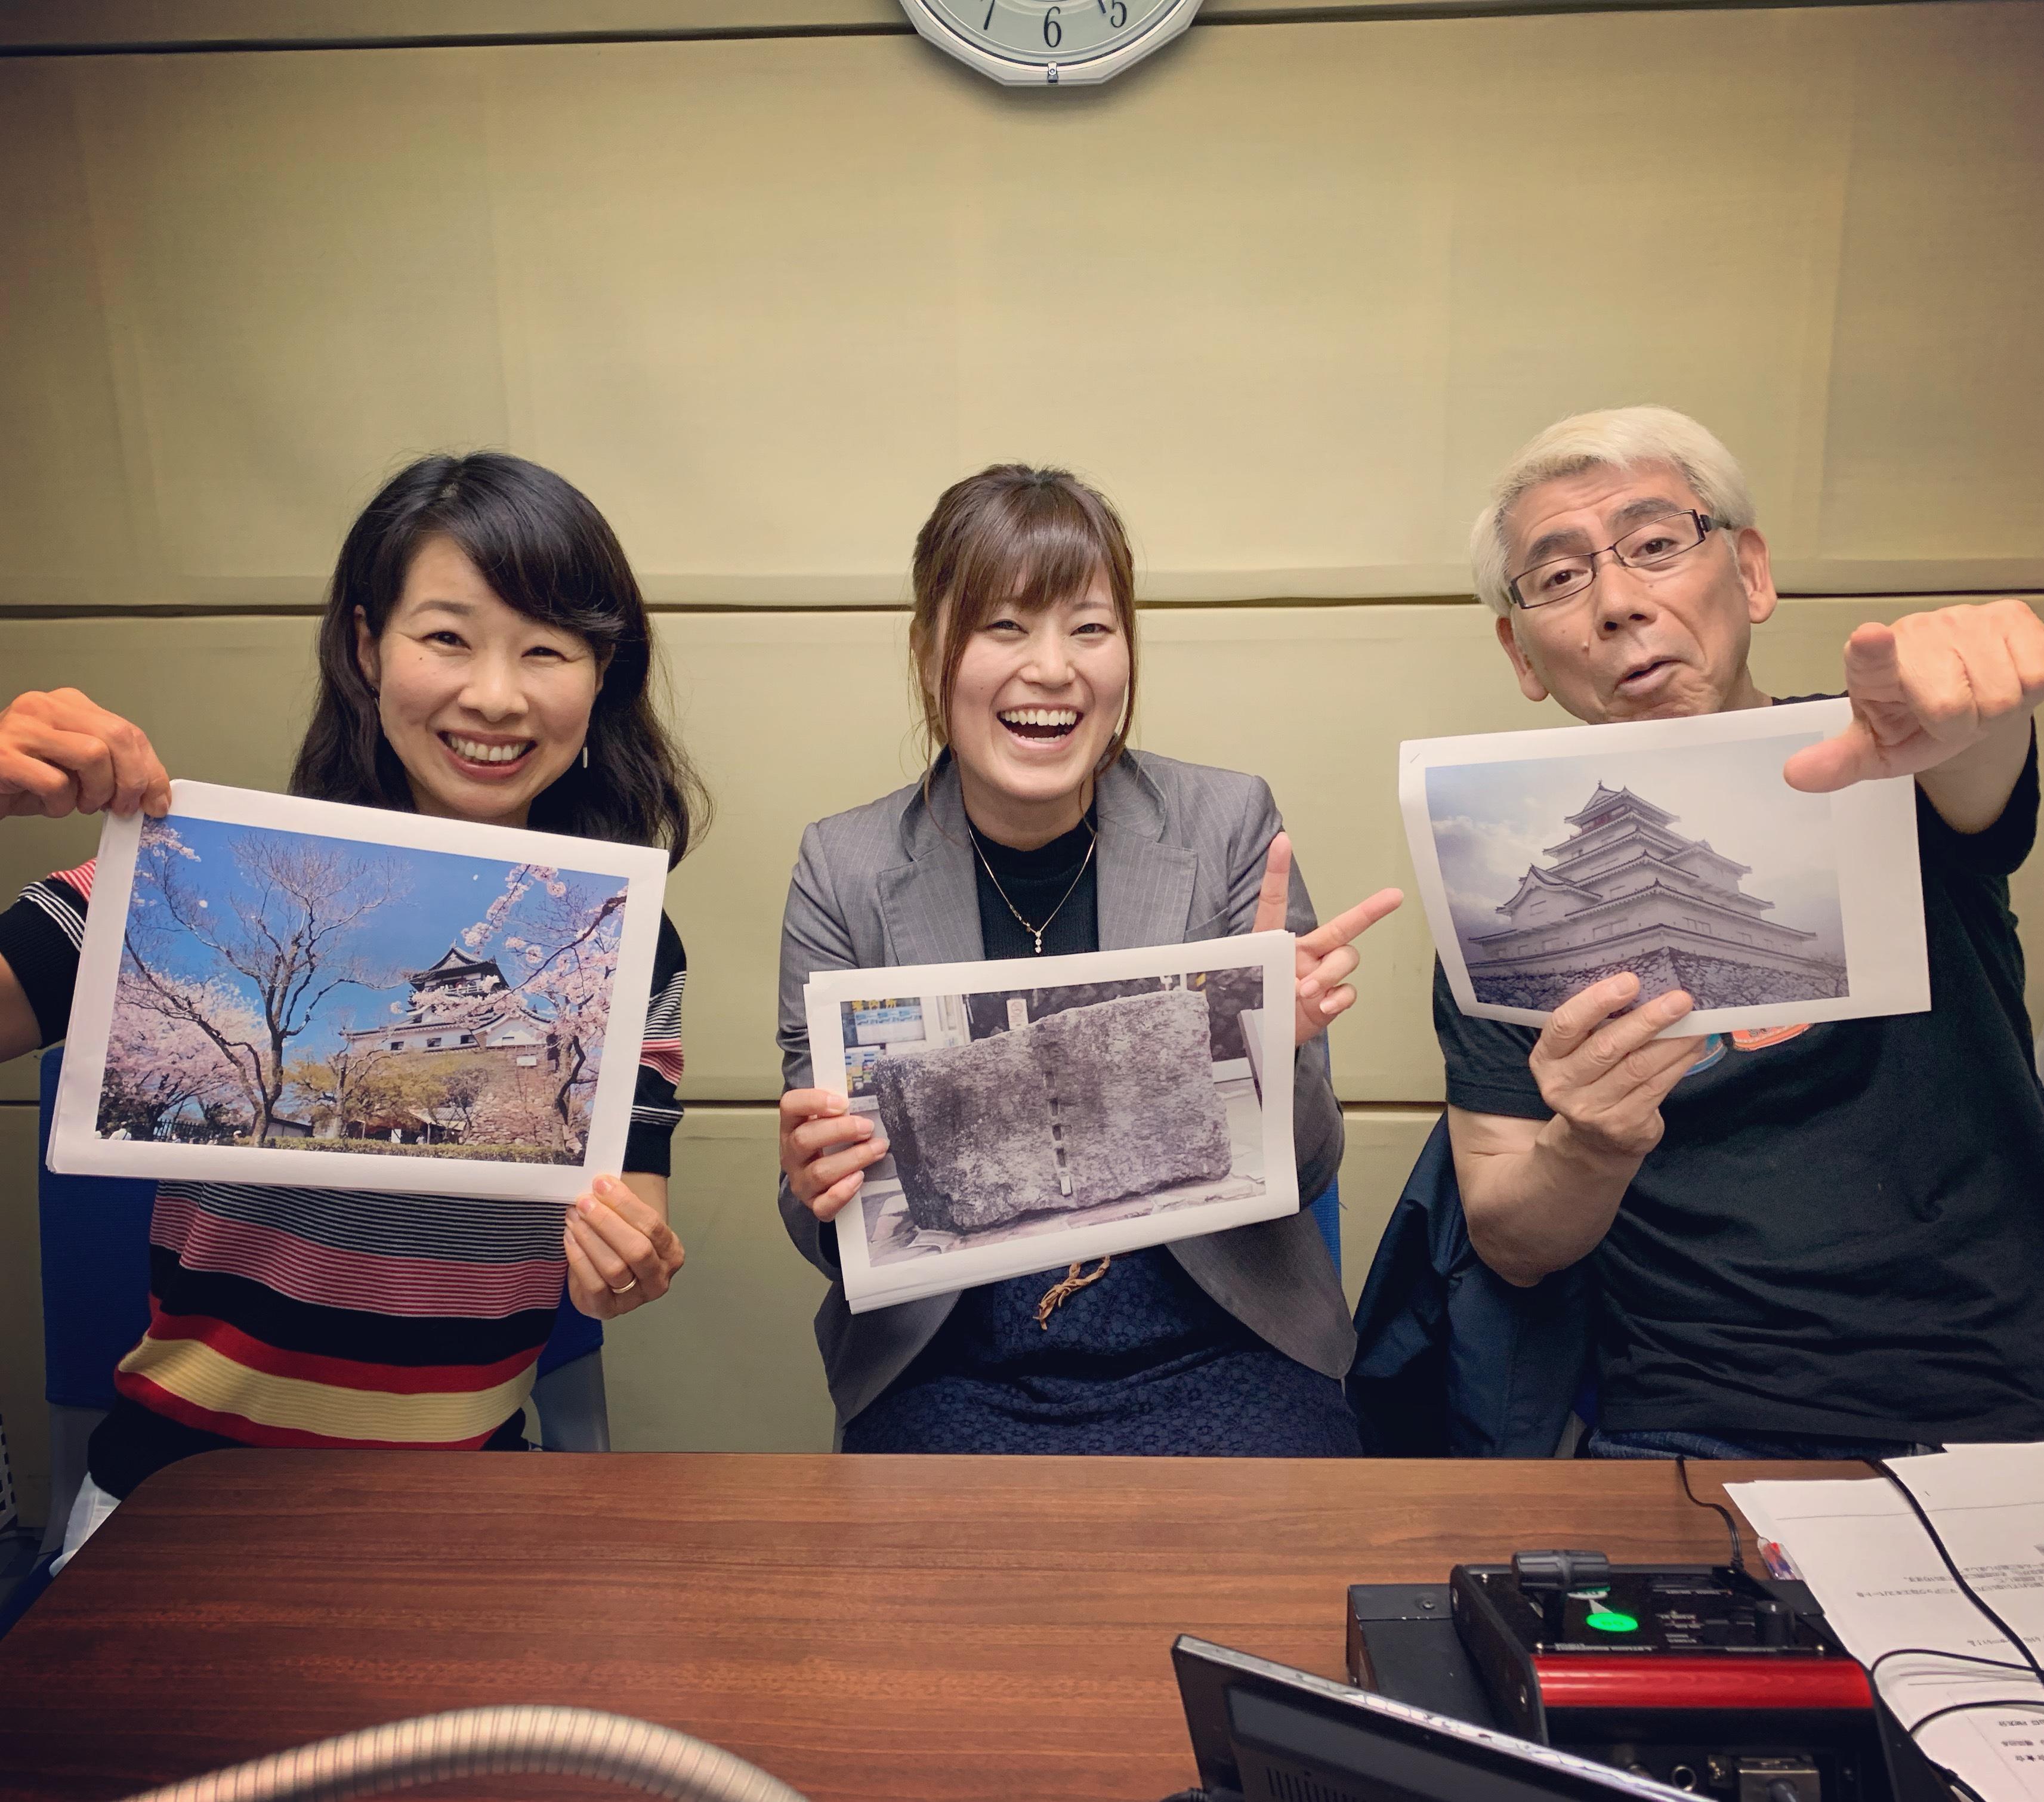 吉田照美さんのラジオ番組に出演しました